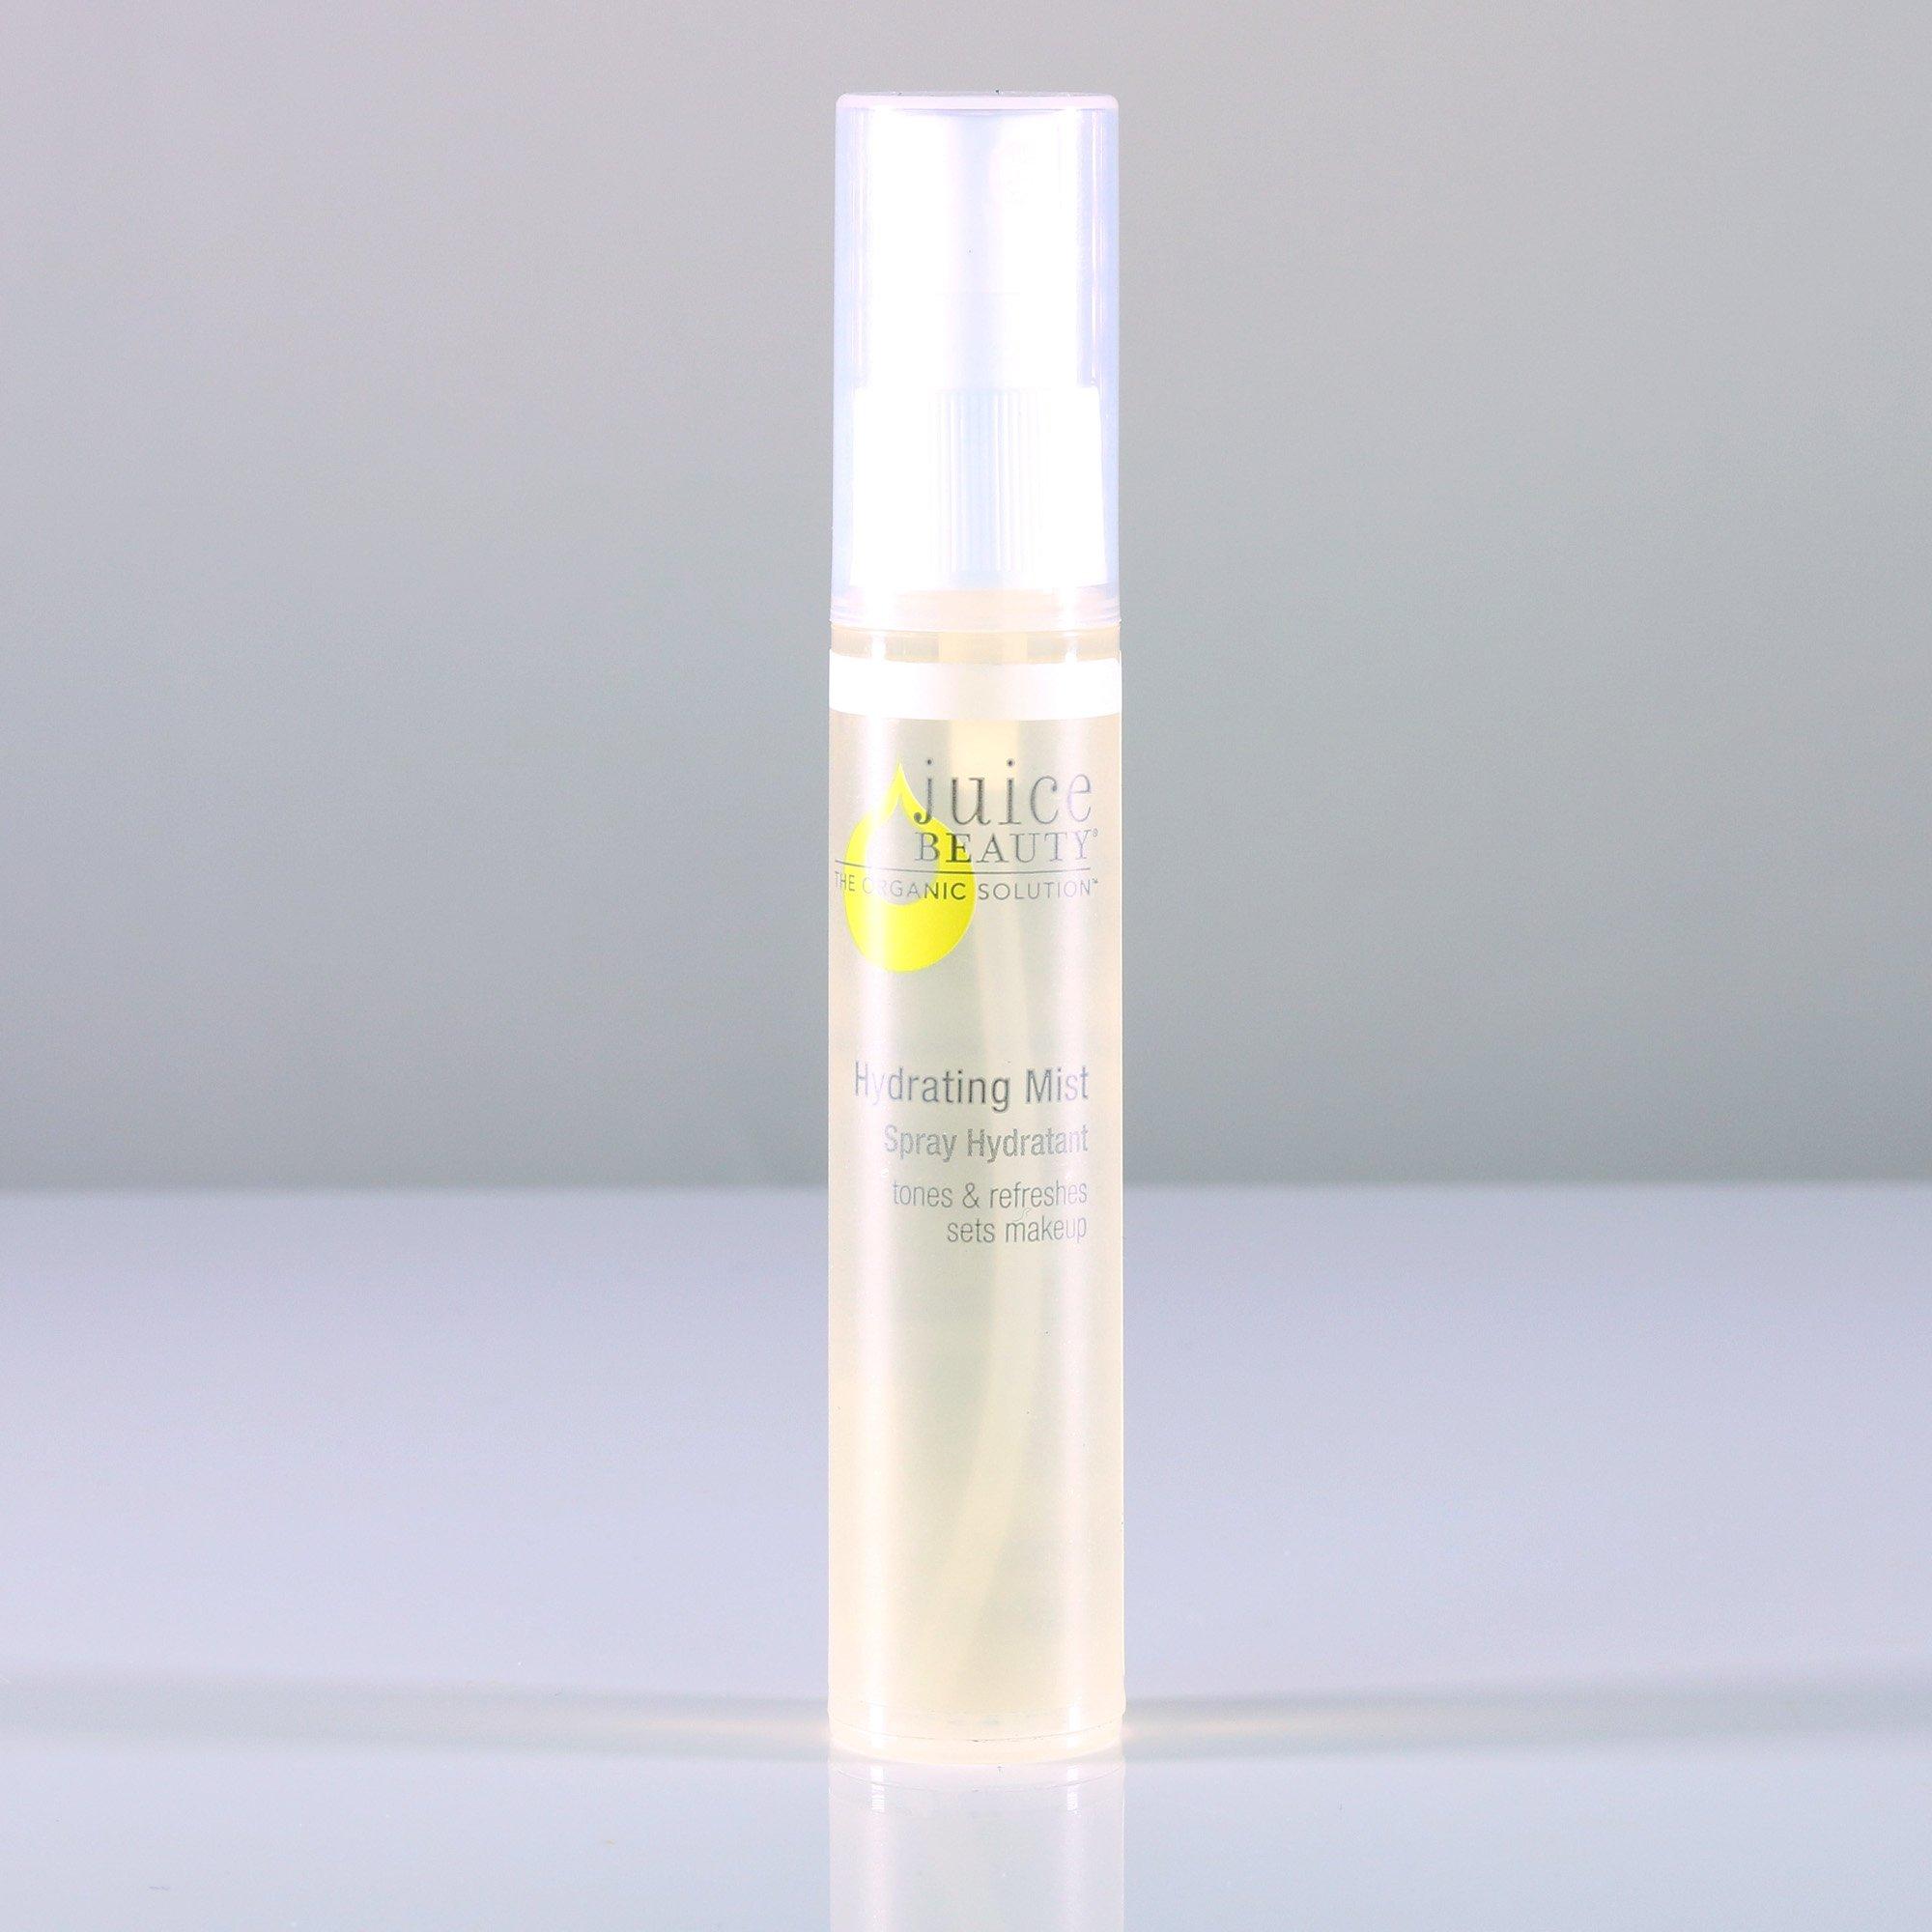 Juice Beauty Hydrating Mist Travel Size, 1 Fl Oz